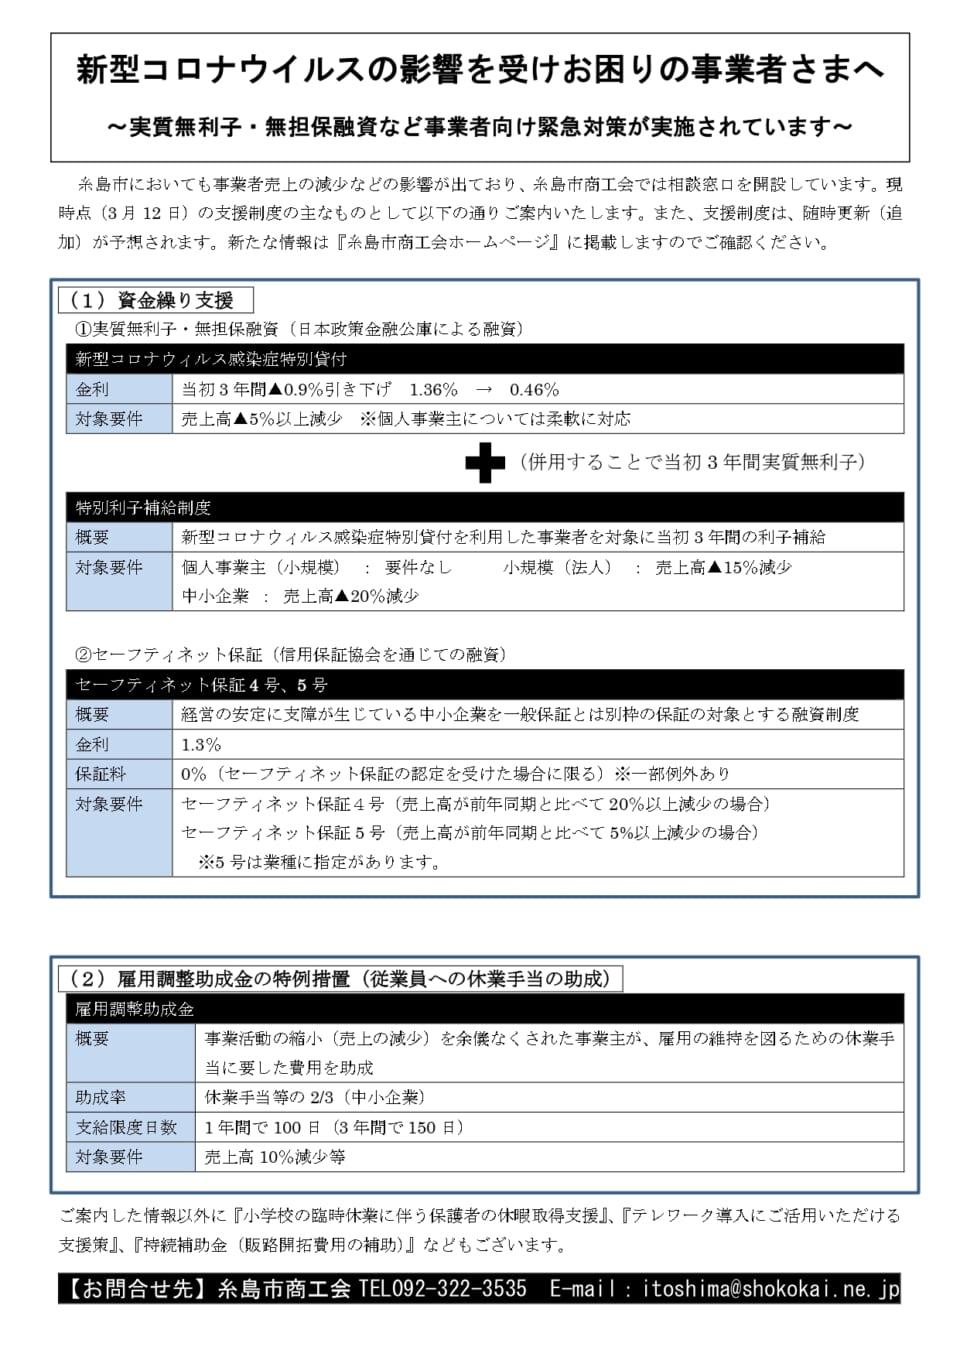 公庫 コロナ 金融 金融公庫のコロナ融資を自宅で申請。融資実行までの流れ<No 994>